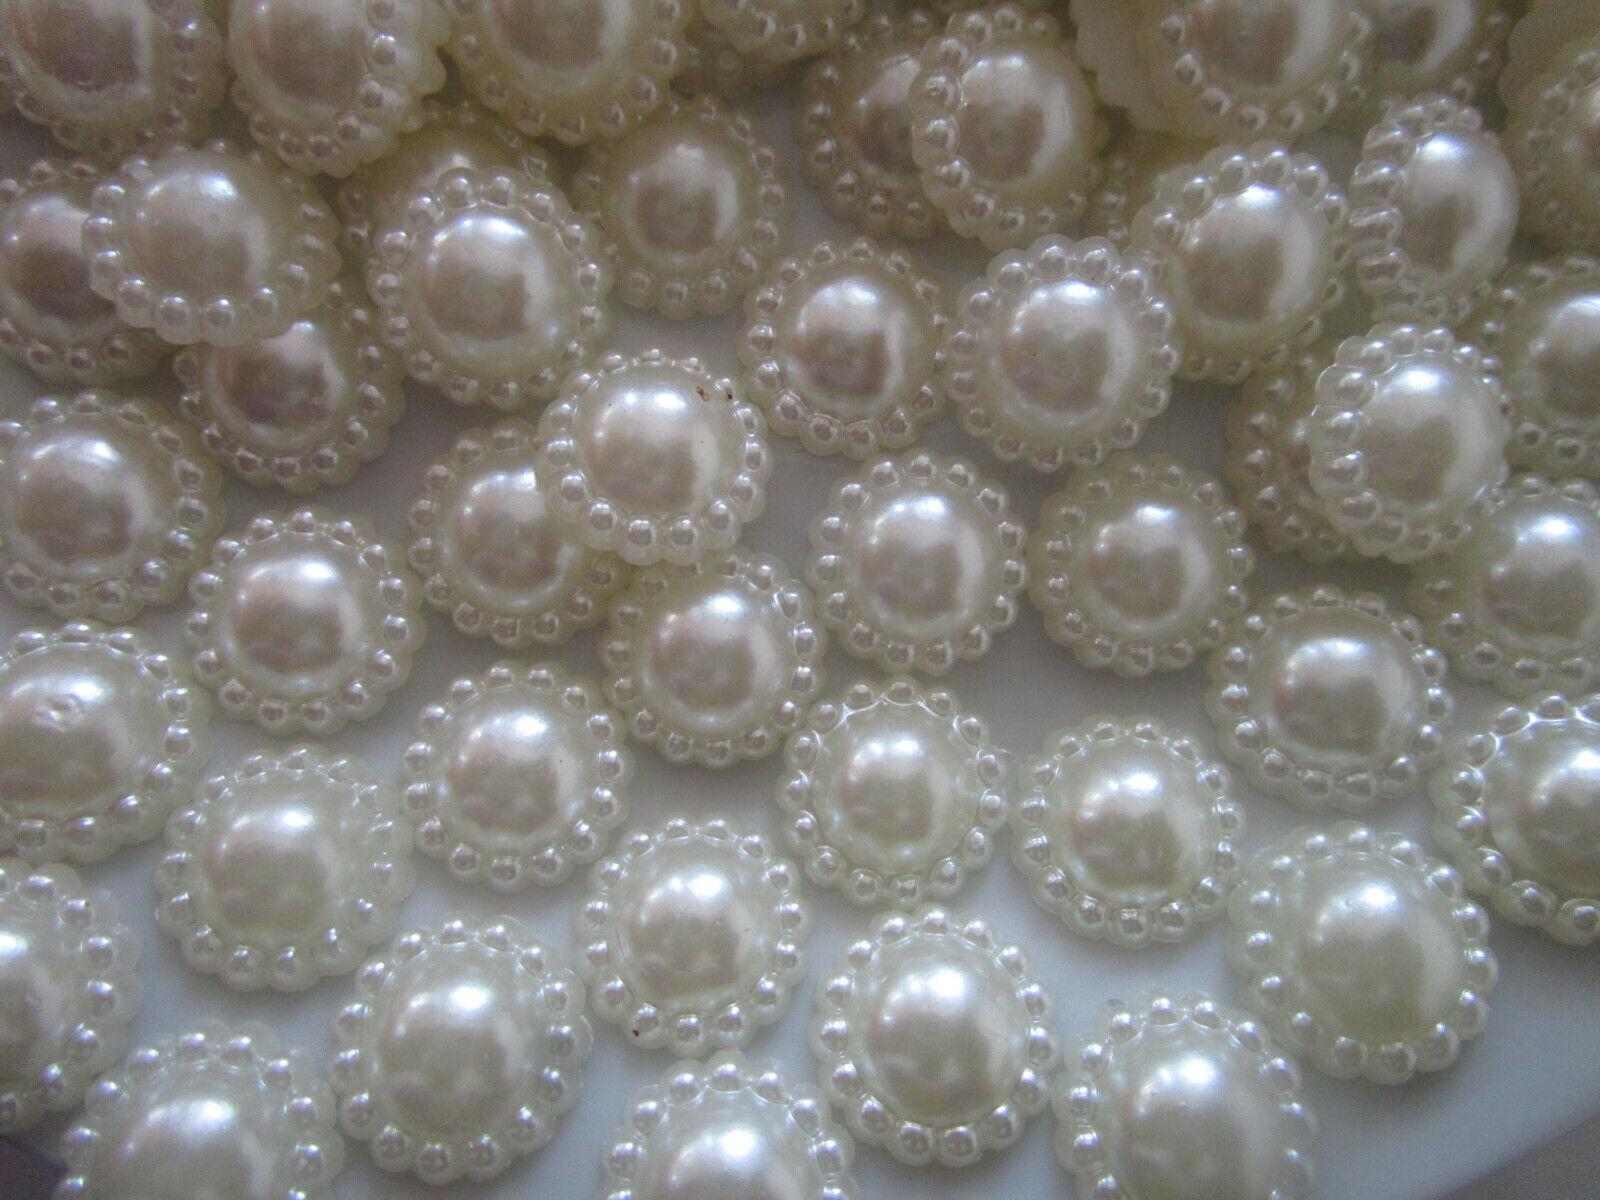 100 Perlen 12mm Elfenbeinweiß Halbperlen rund Dekoperlen Wachsperlen Elegante N